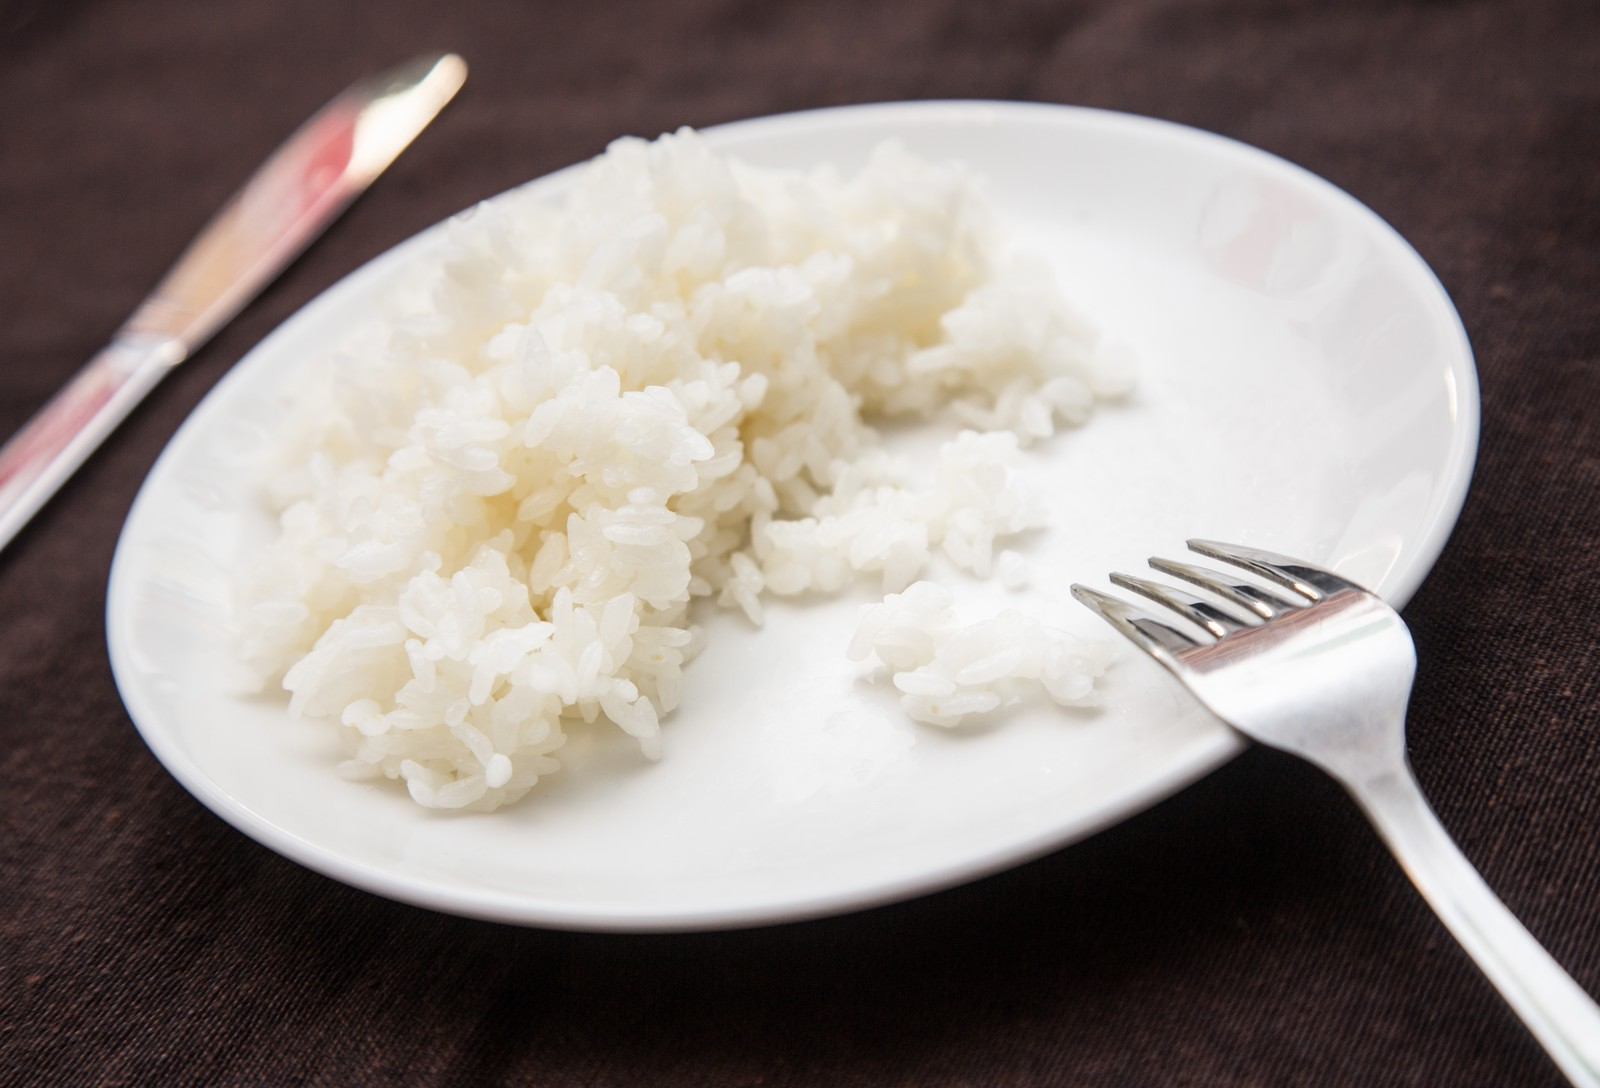 糖質 ご飯 ダイエット